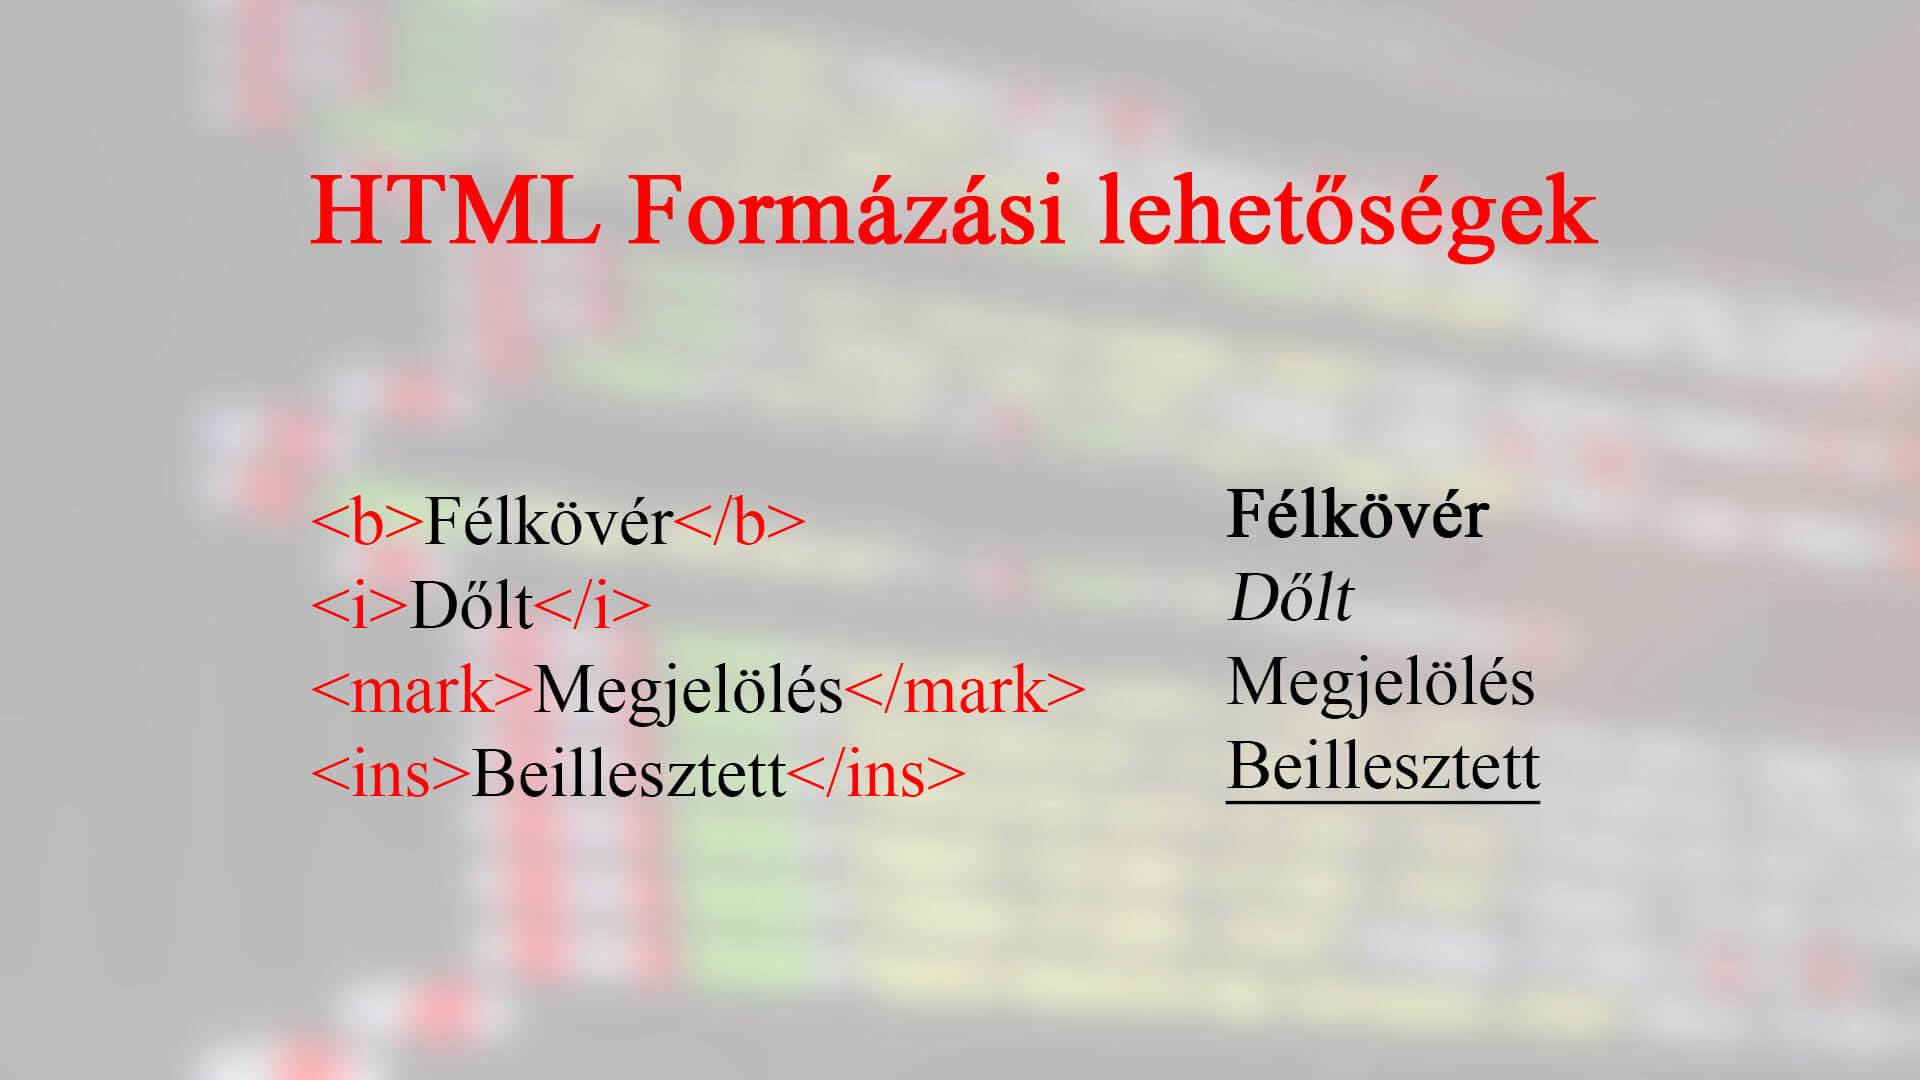 HTML szövegformázás (Formázás CSS nélkül) cikk nyitóképe